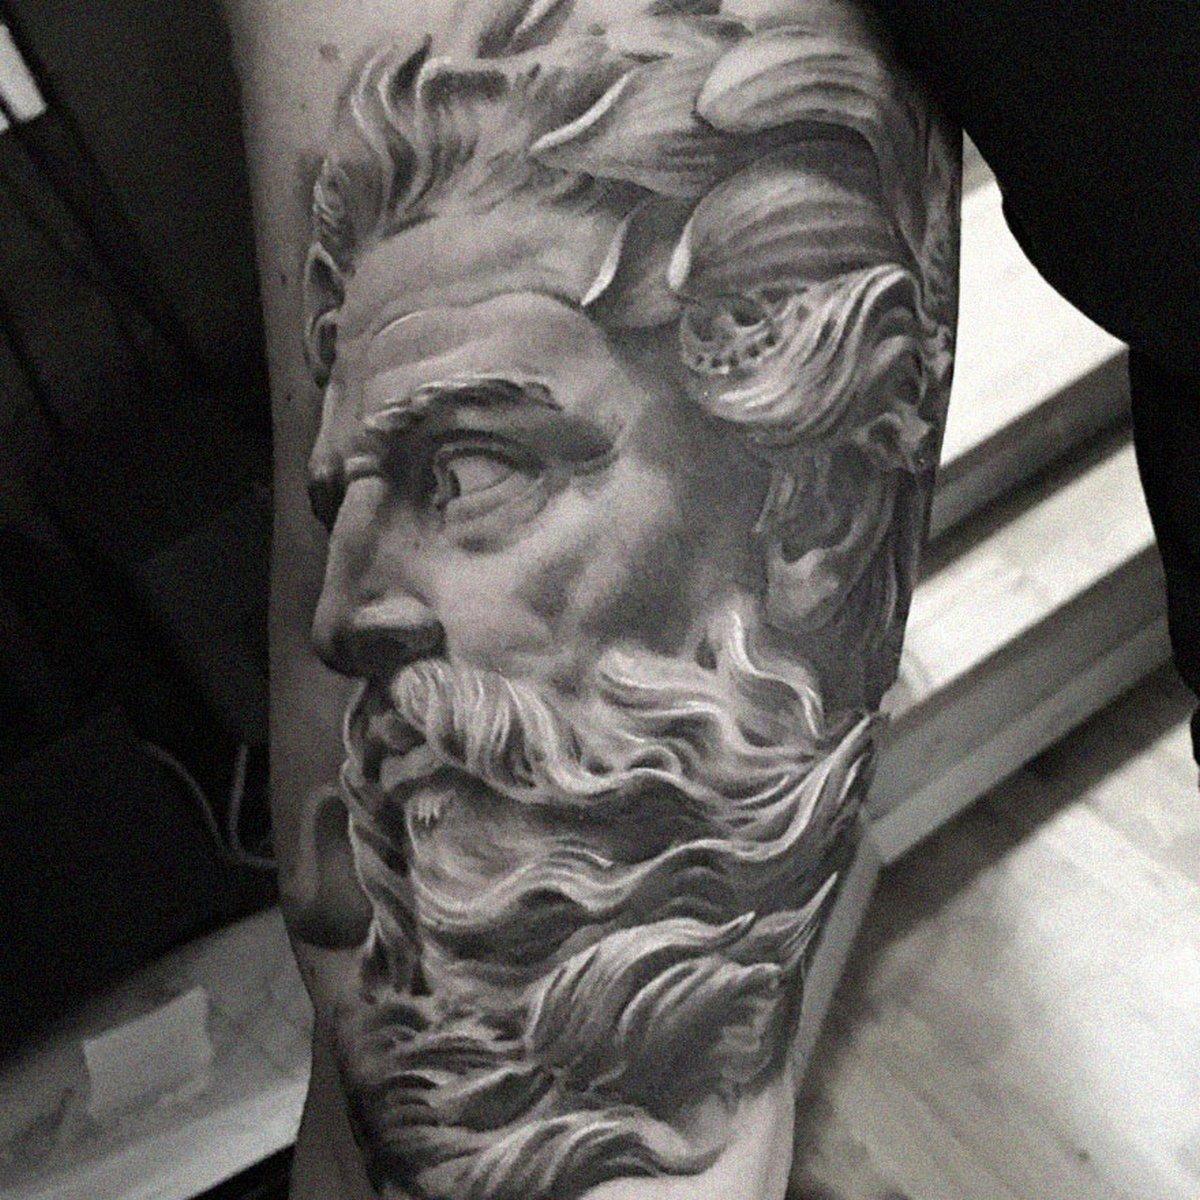 22 tatouages fascinants par un artiste suédois spécialisé dans le réalisme noir et gris ! Par Karine Larcher (Ipnoze) Tatouages-realistes-noir-gris-mrtstucklife-022